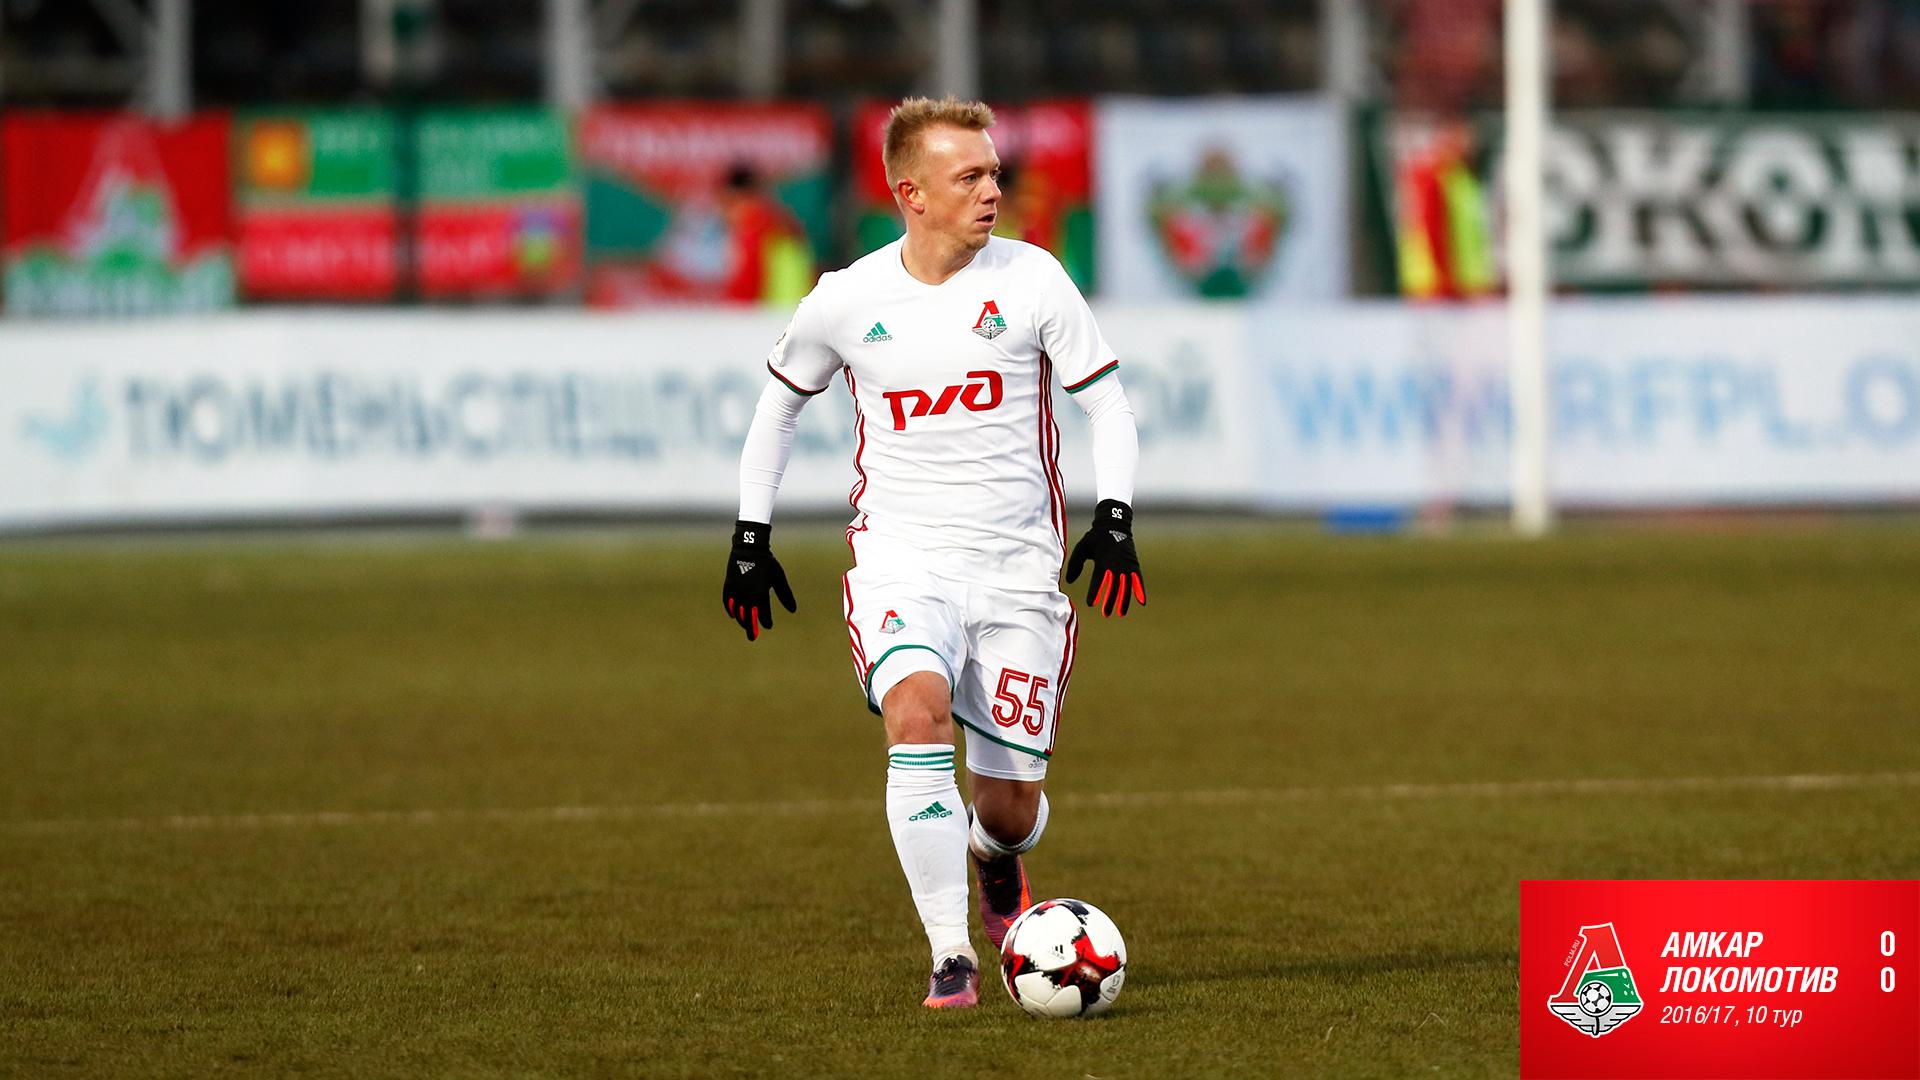 «Амкар» - «Локомотив» - 0:0